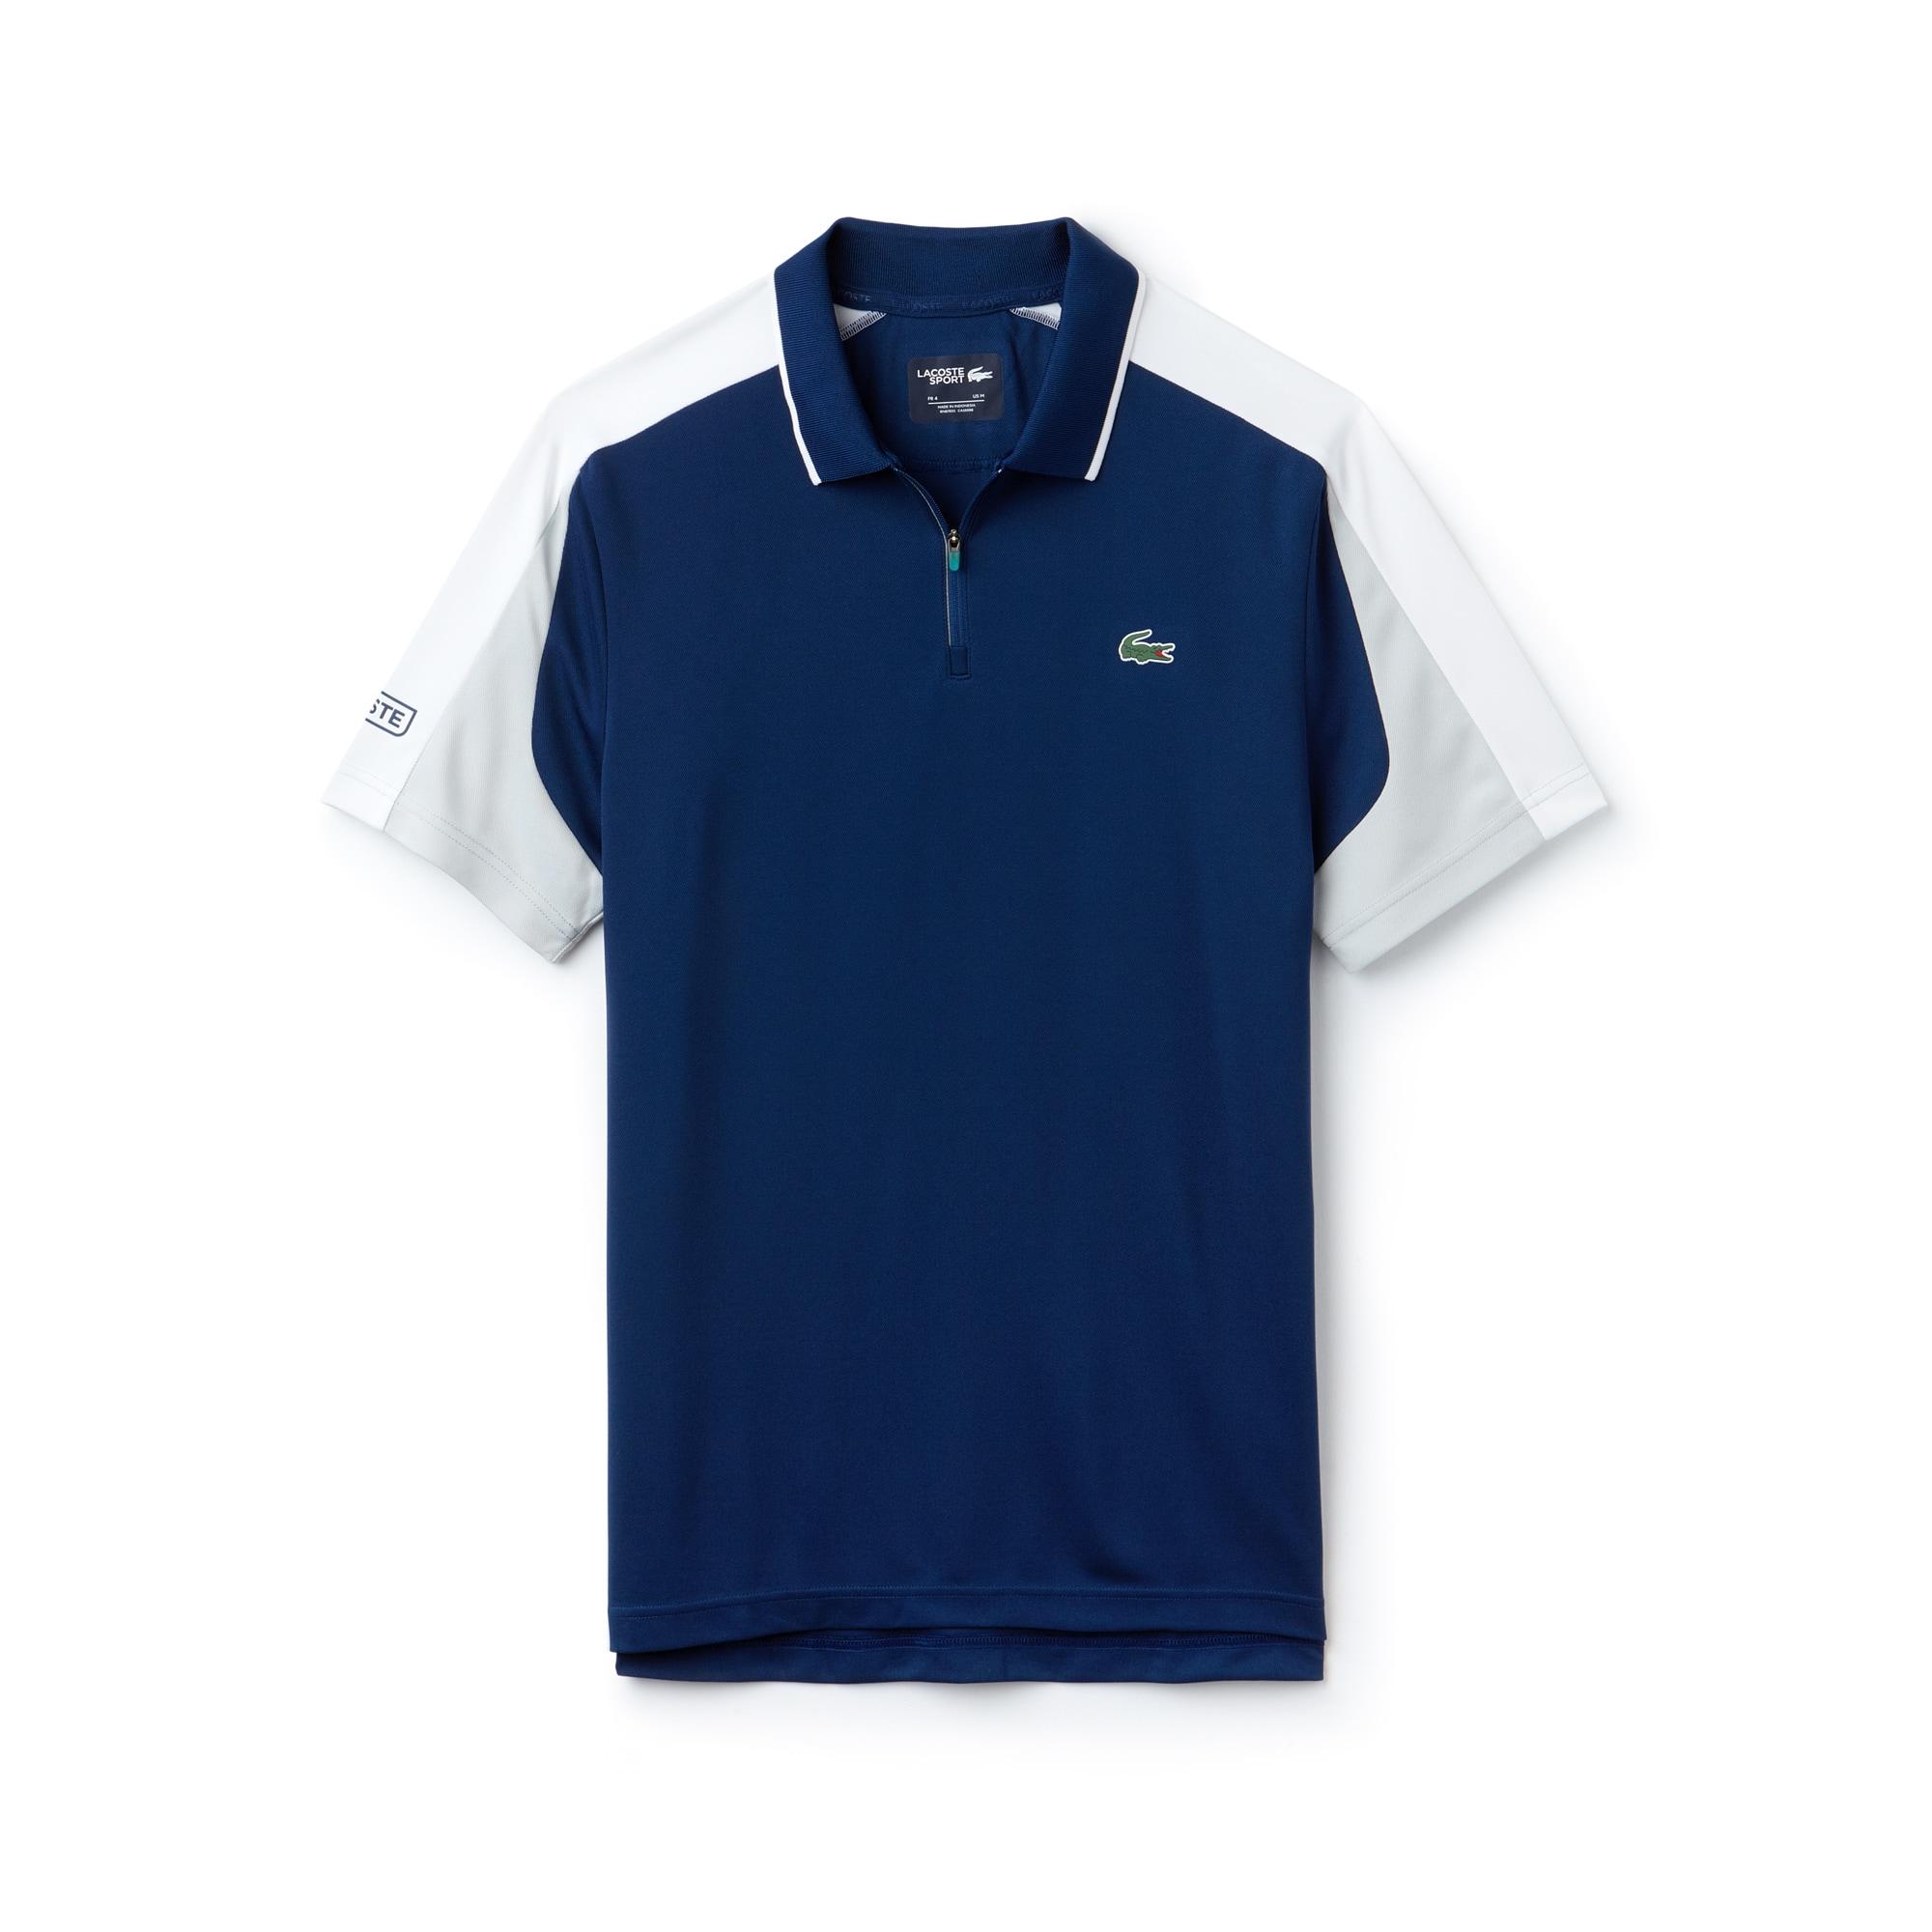 Men's Lacoste SPORT Zip Neck Contrast Bands Piqué Tennis Polo